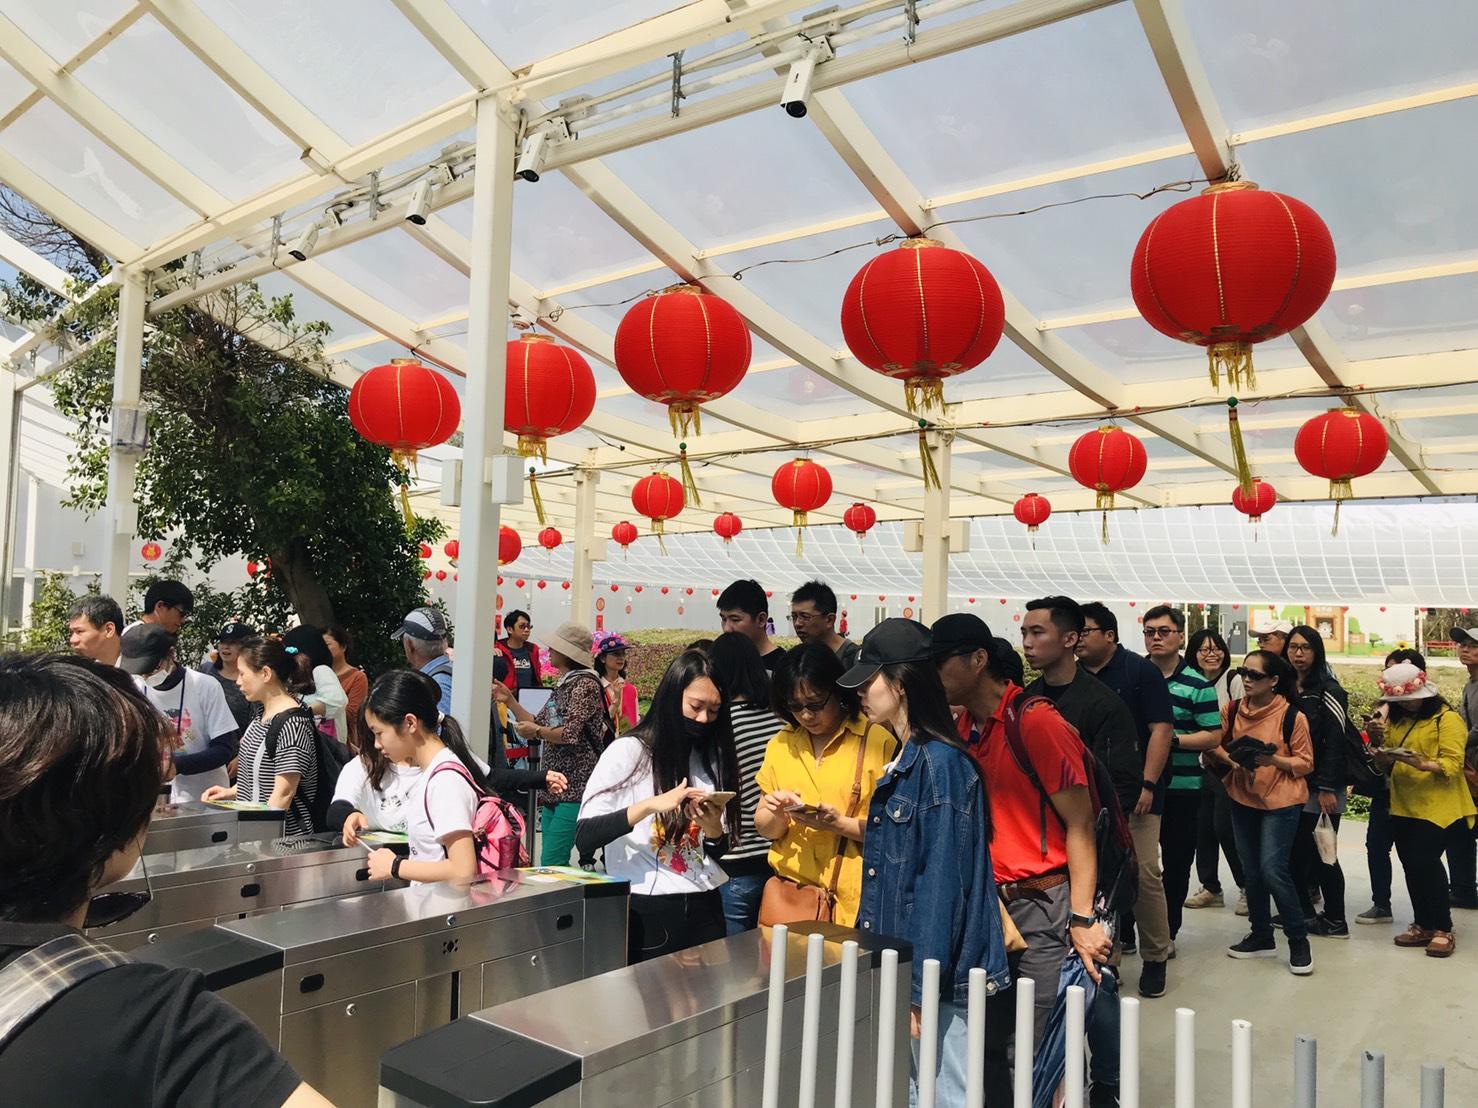 白嘉莉代言行銷台中花博  228連假首日湧入近10萬人